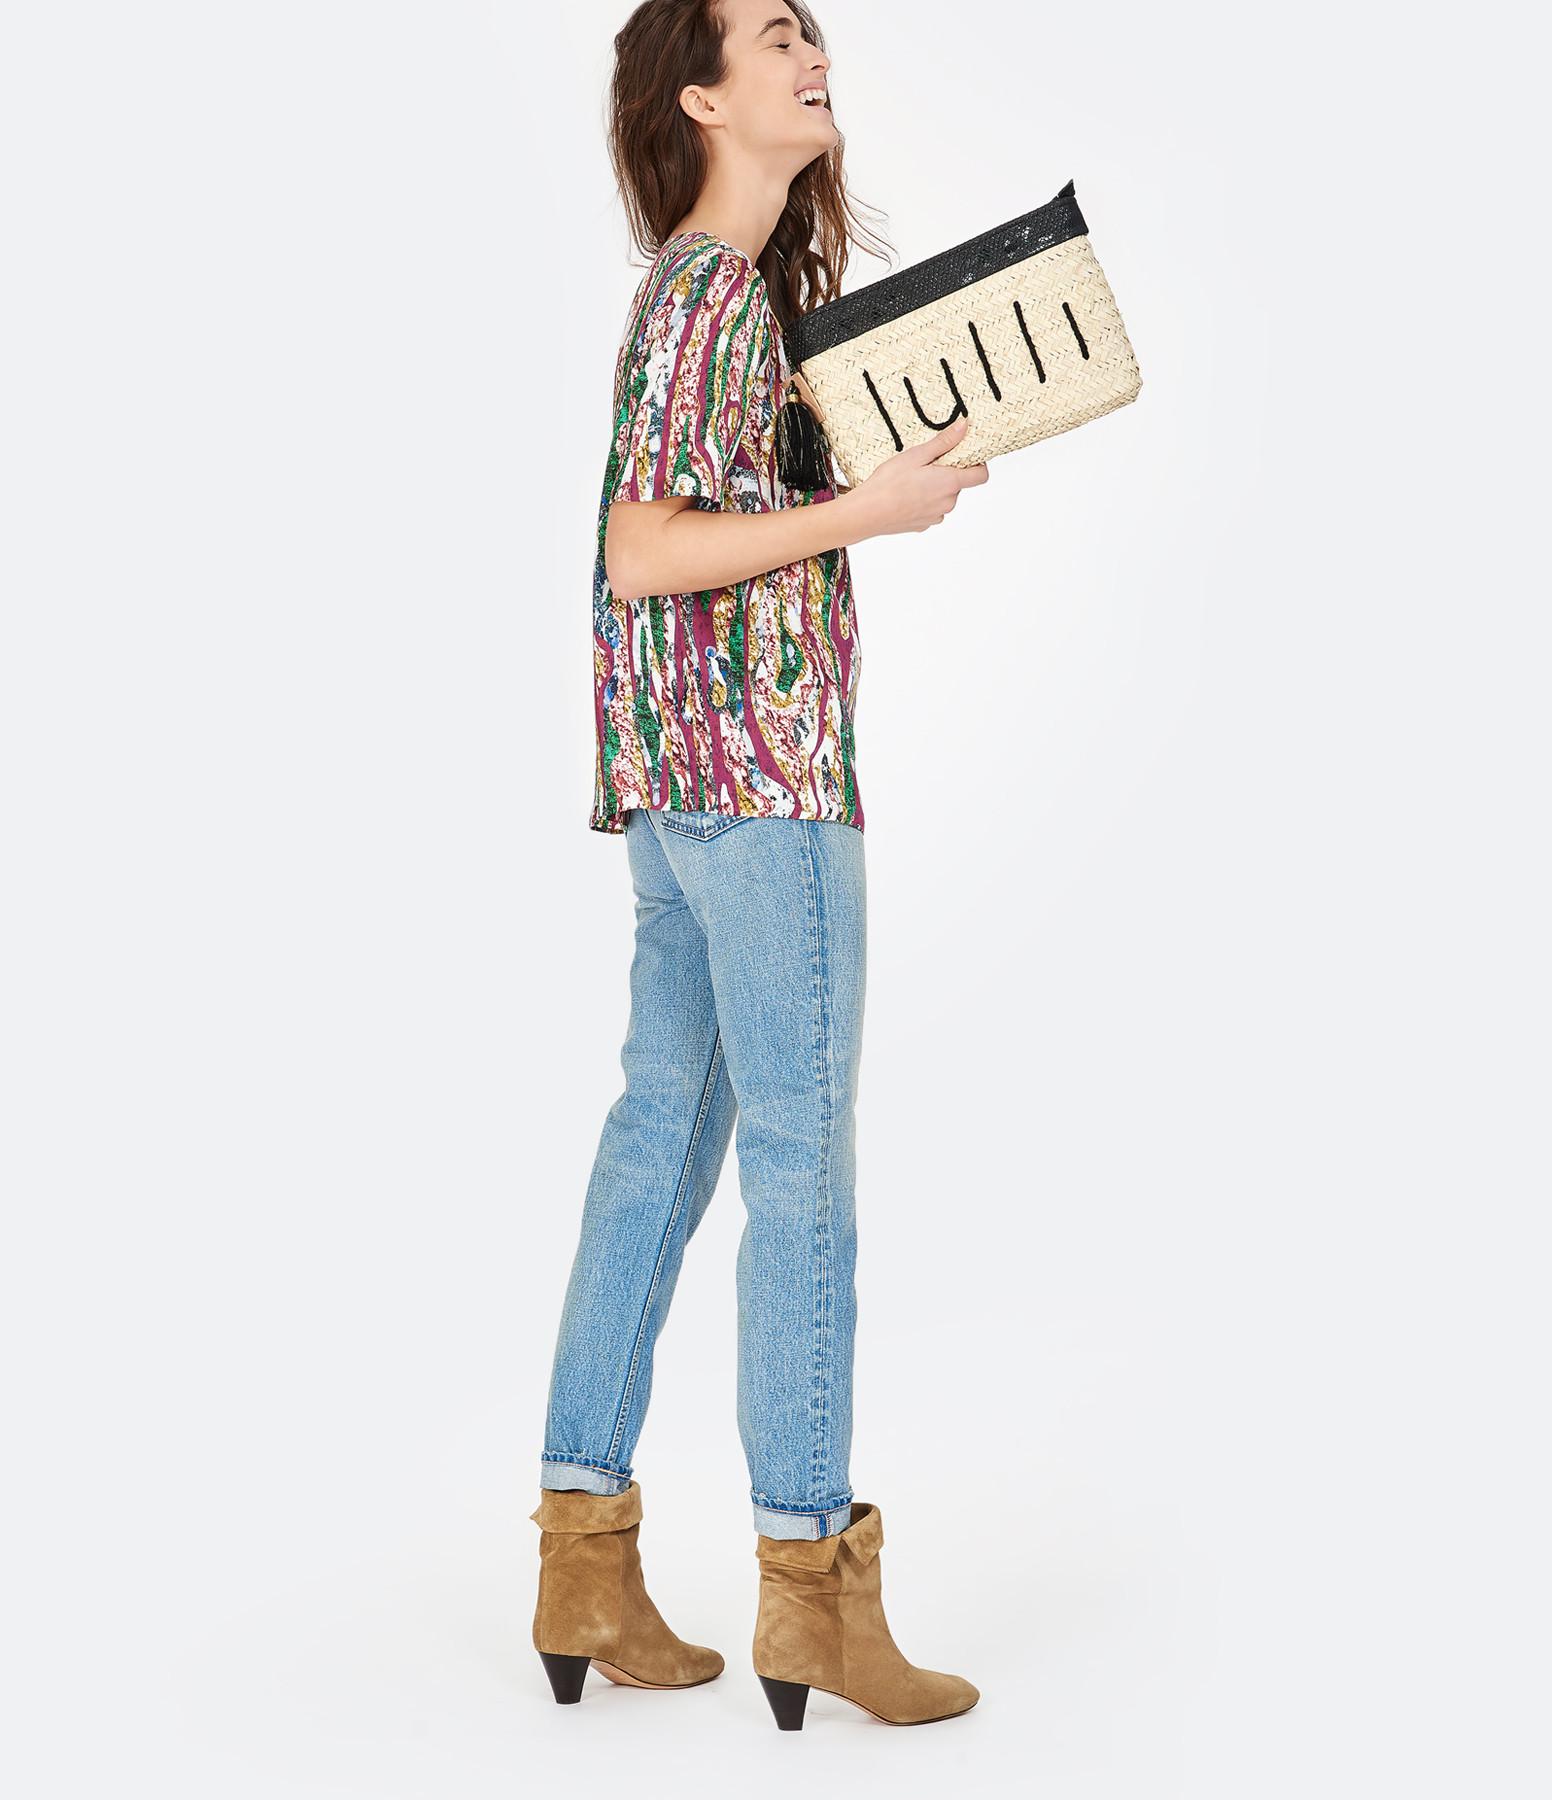 ANATA - Pochette Python Lulli Doré